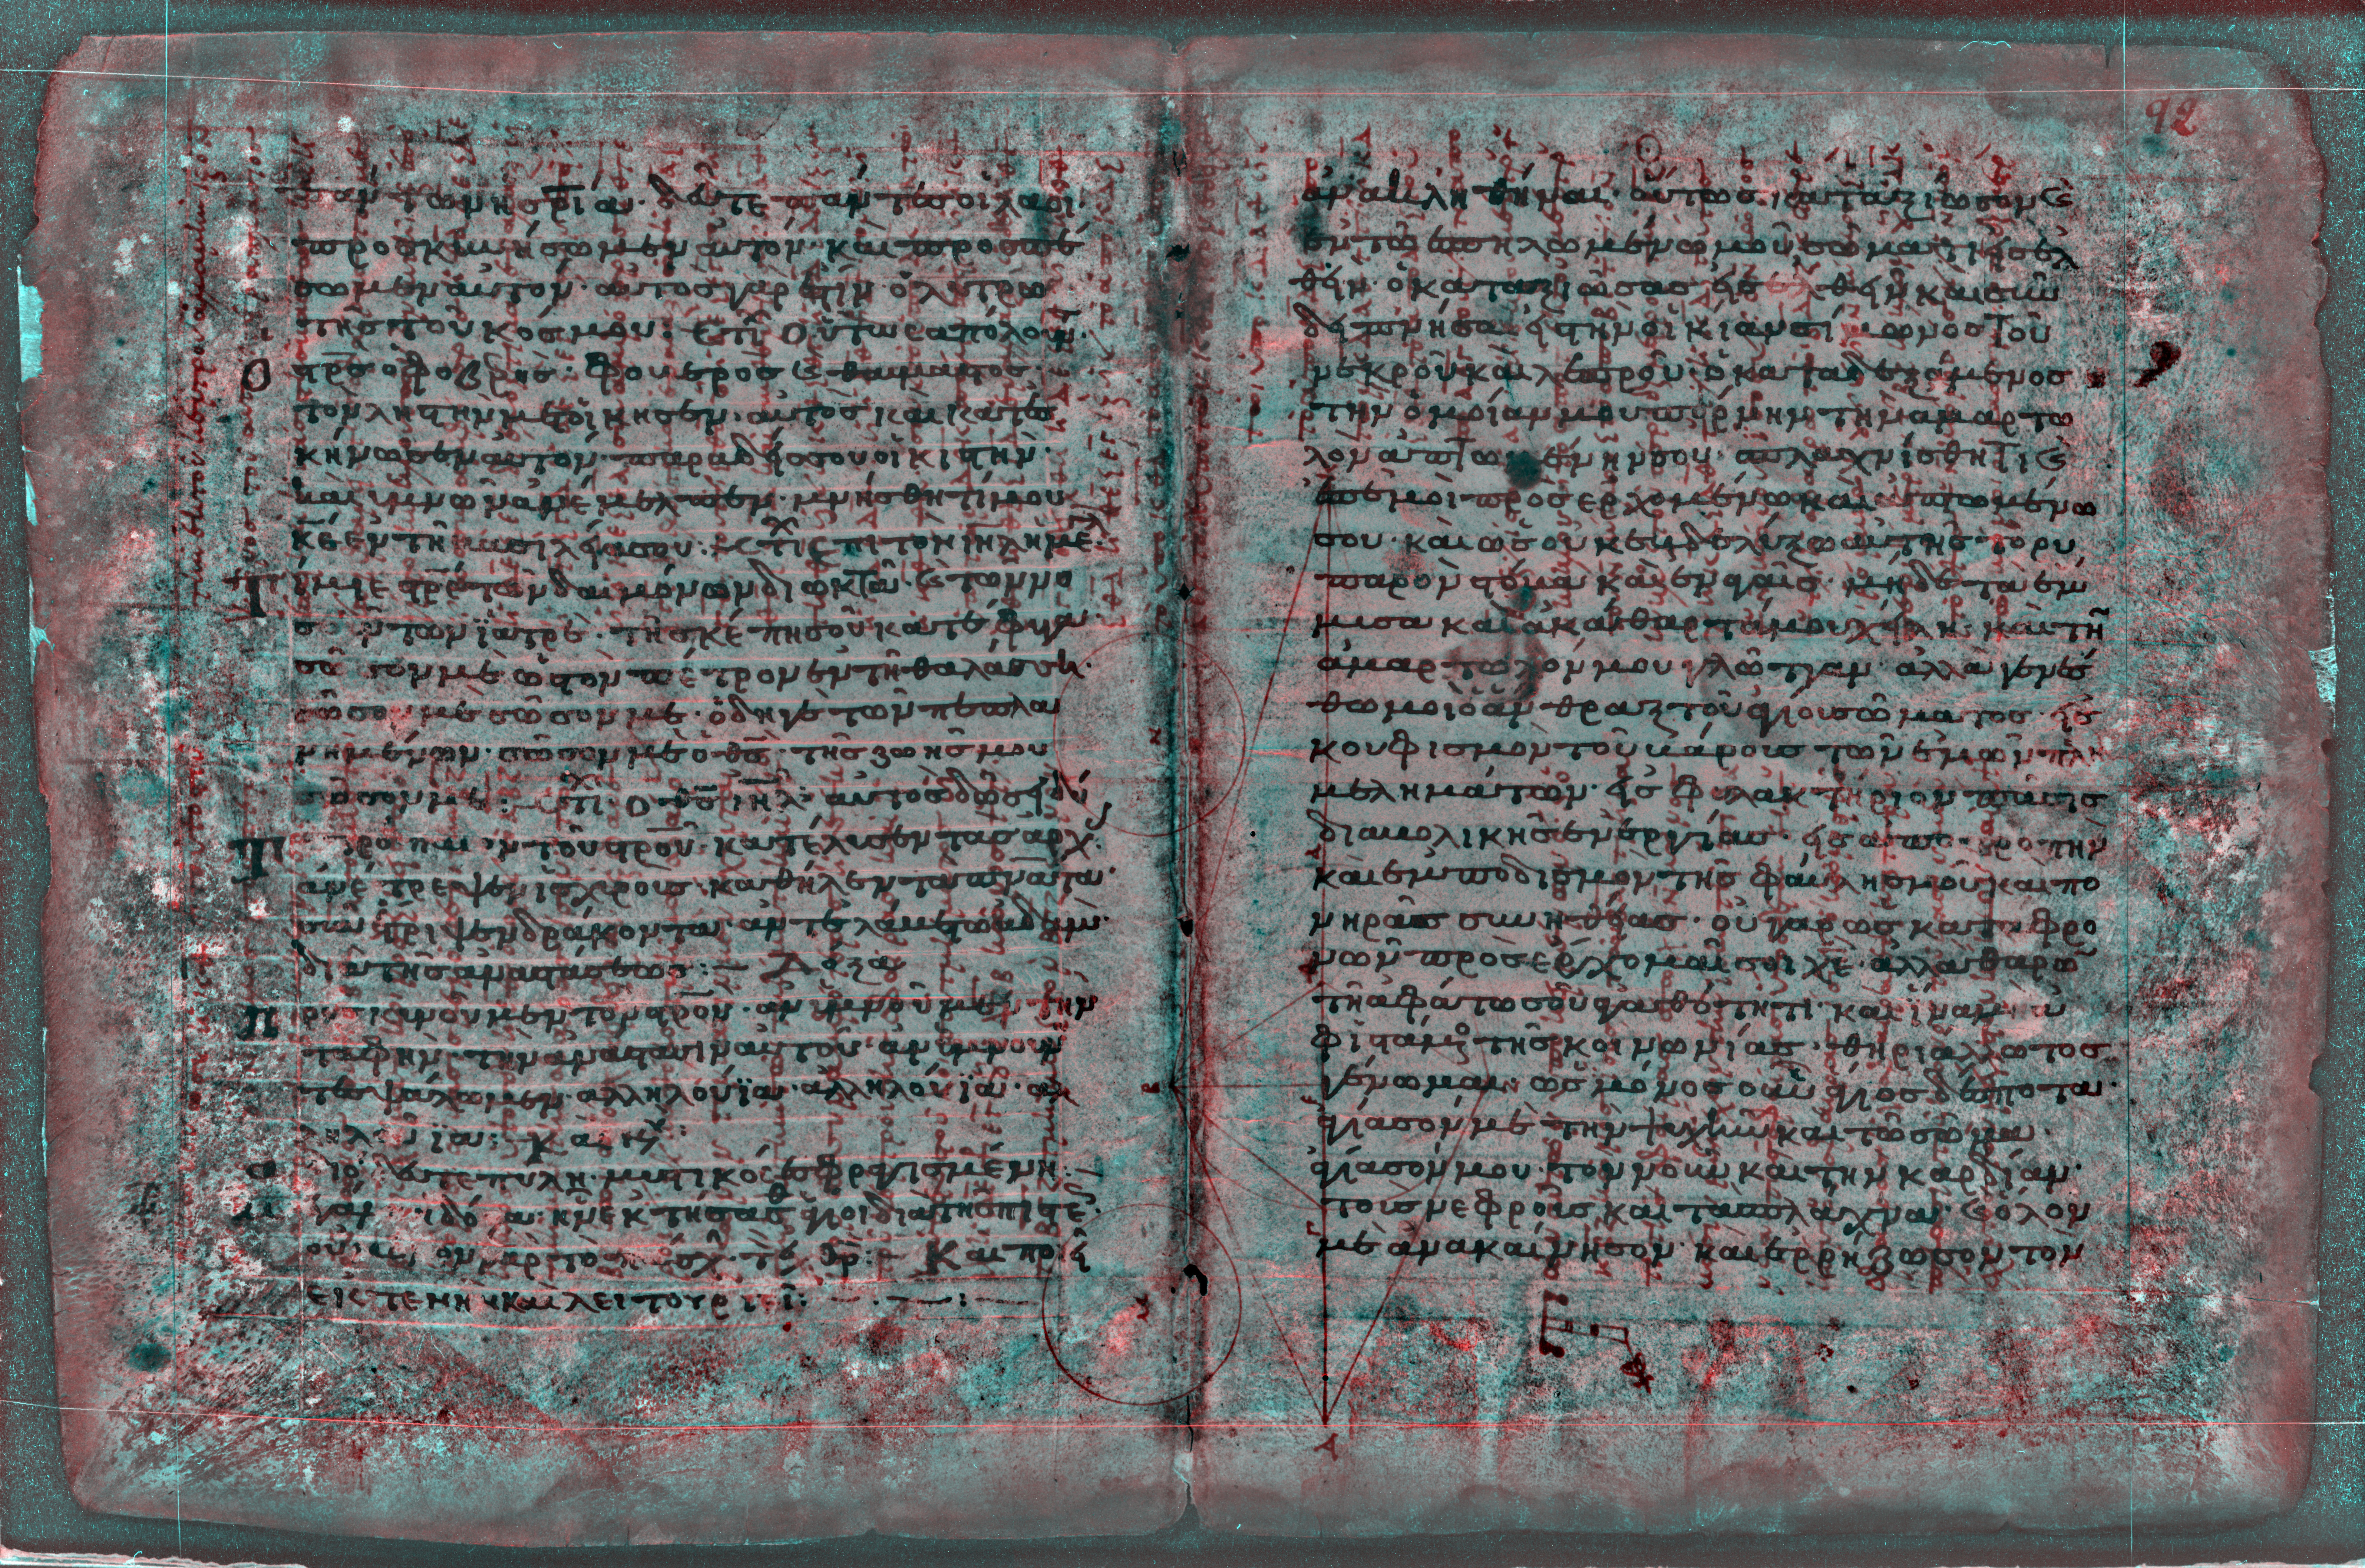 crédit: creative commons: http://www.cis.rit.edu/people/faculty/easton/Archie/093v-092r/093v-092rsp-dime.jpg Palimpseste d'Archimède (Codex C), folios 093v-092r : De la sphère et du cylindre, Livre II, proposition 2 (le texte d'Archimède, à la verticale, se devine sous le texte noir, à l'horizontale). Image en pseudocouleur obtenue par fluorescence UV (ultraviolette).